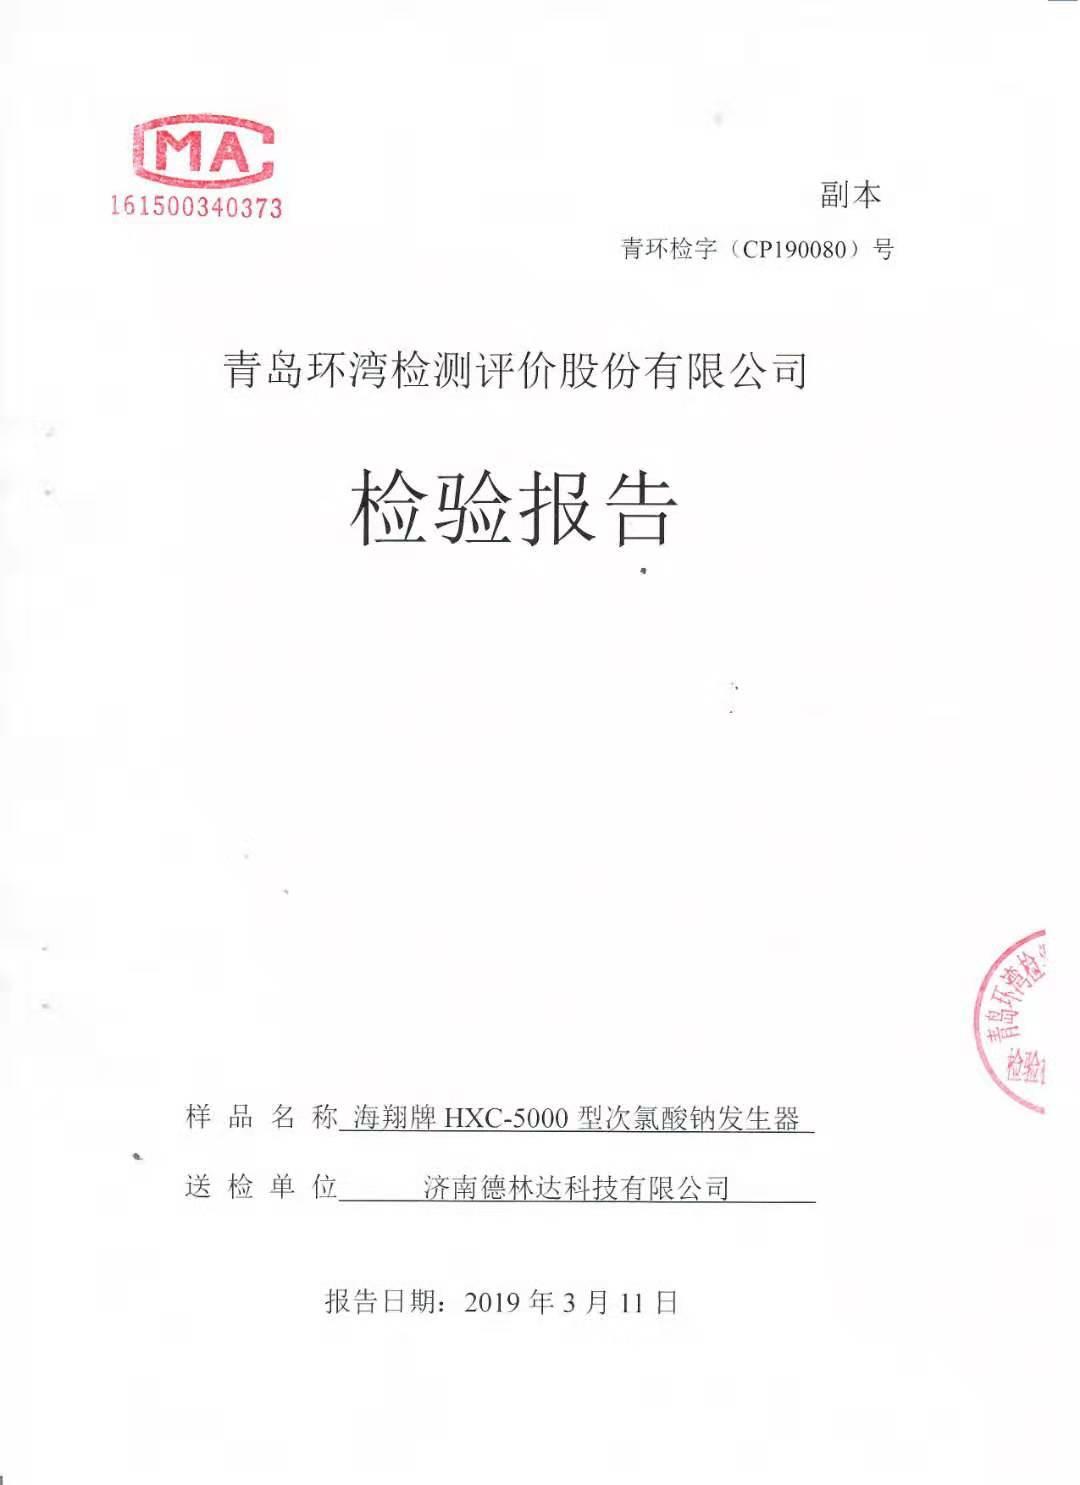 HXC-5000型次氯酸钠发生器检测报告